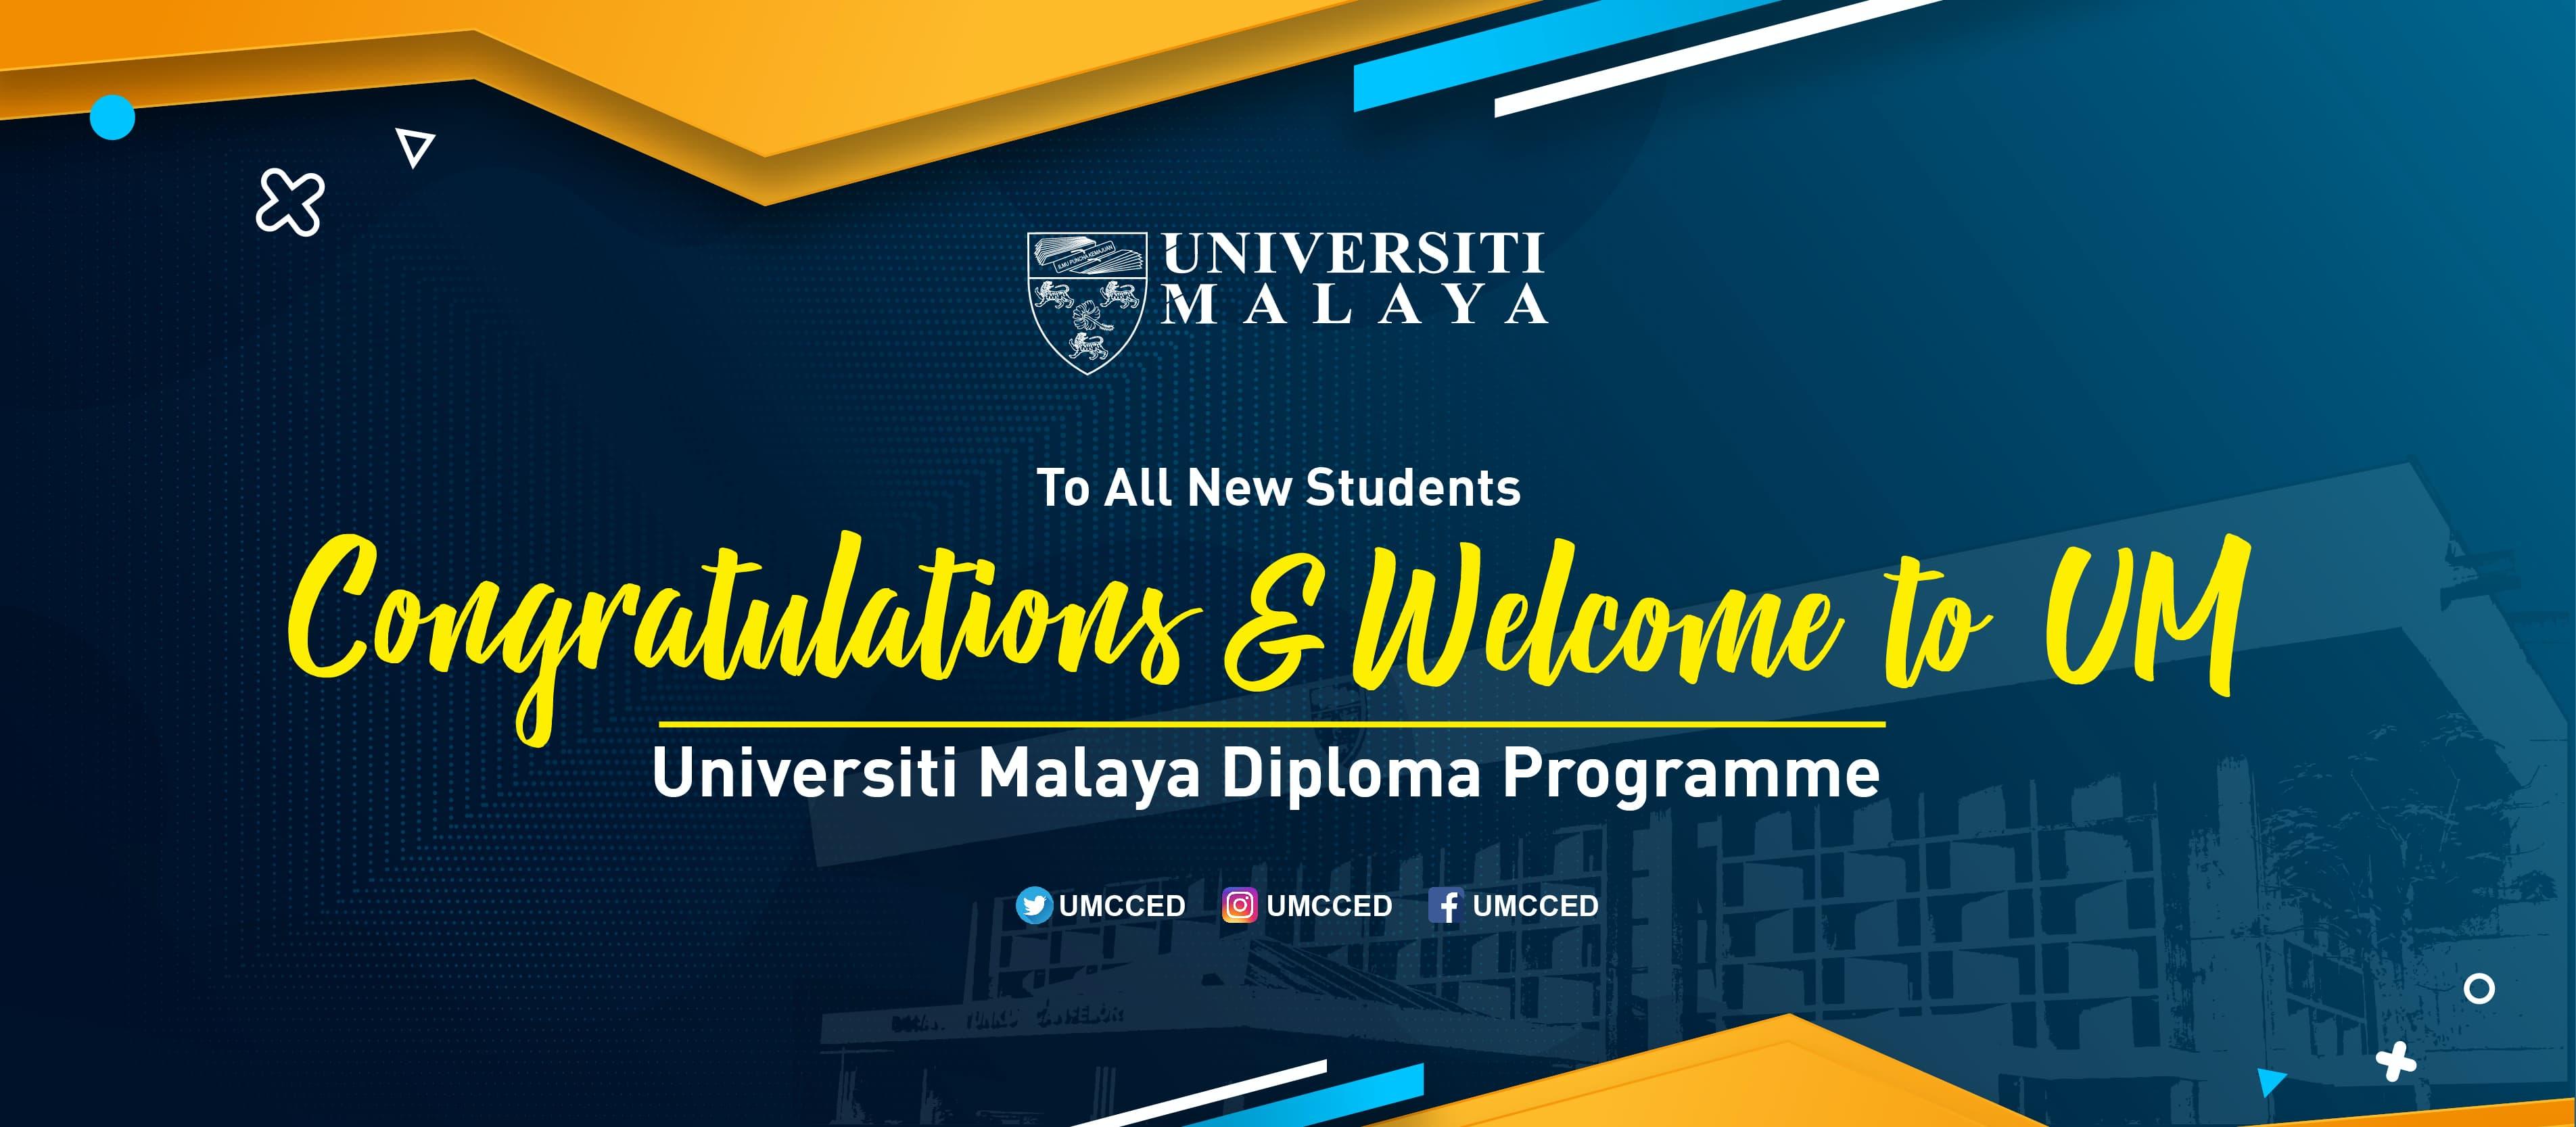 Web_Banner_Welcome_New_Student_Universiti_Malaya-02